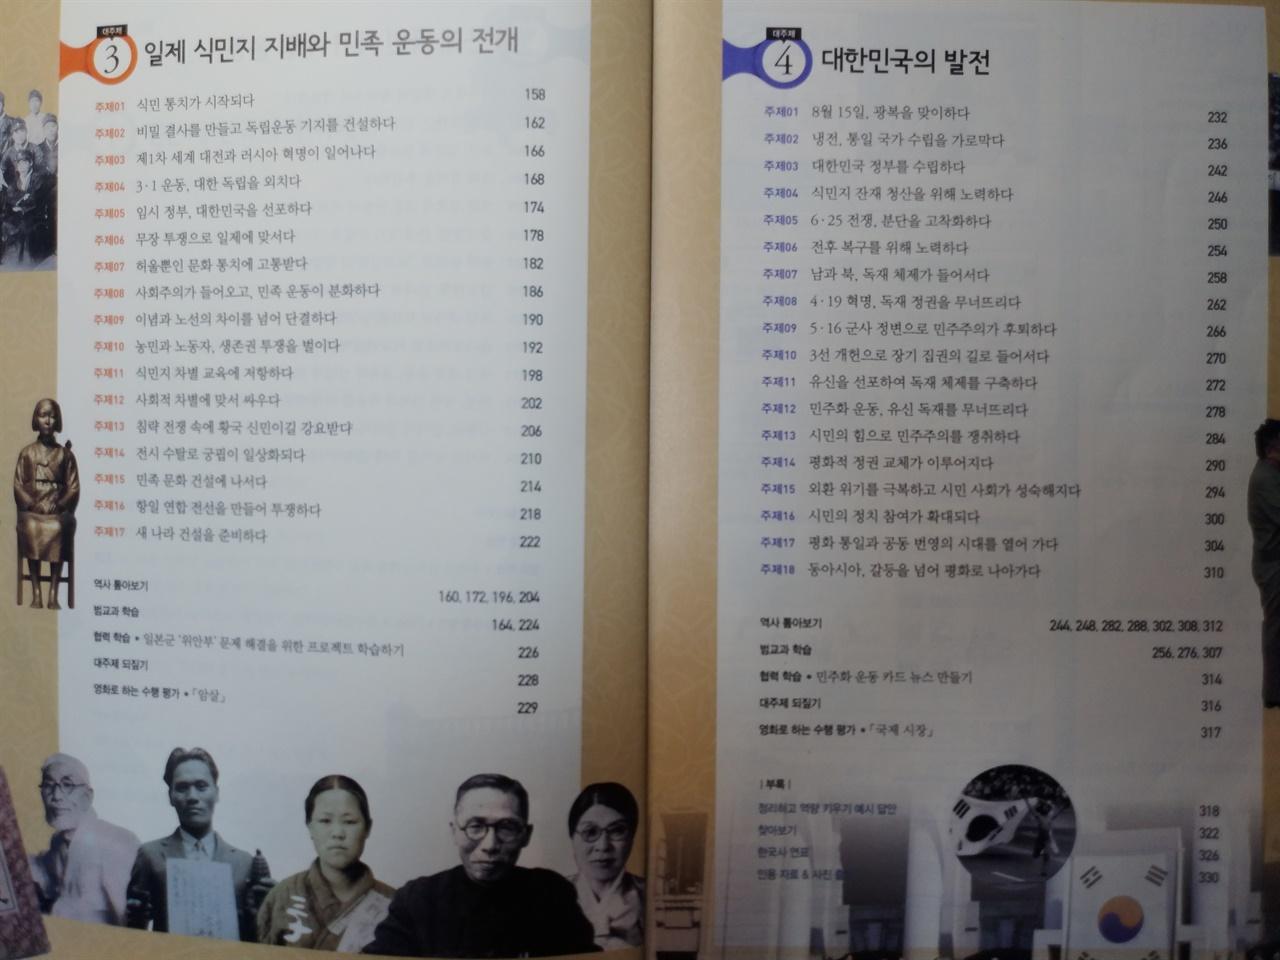 2015 개정 교육과정으로 개편된 현행 고등학교 한국사 교과서의 목차. 개항 이전의 전근대사는 전체 분량으로 치면 1/4에 불과하다.